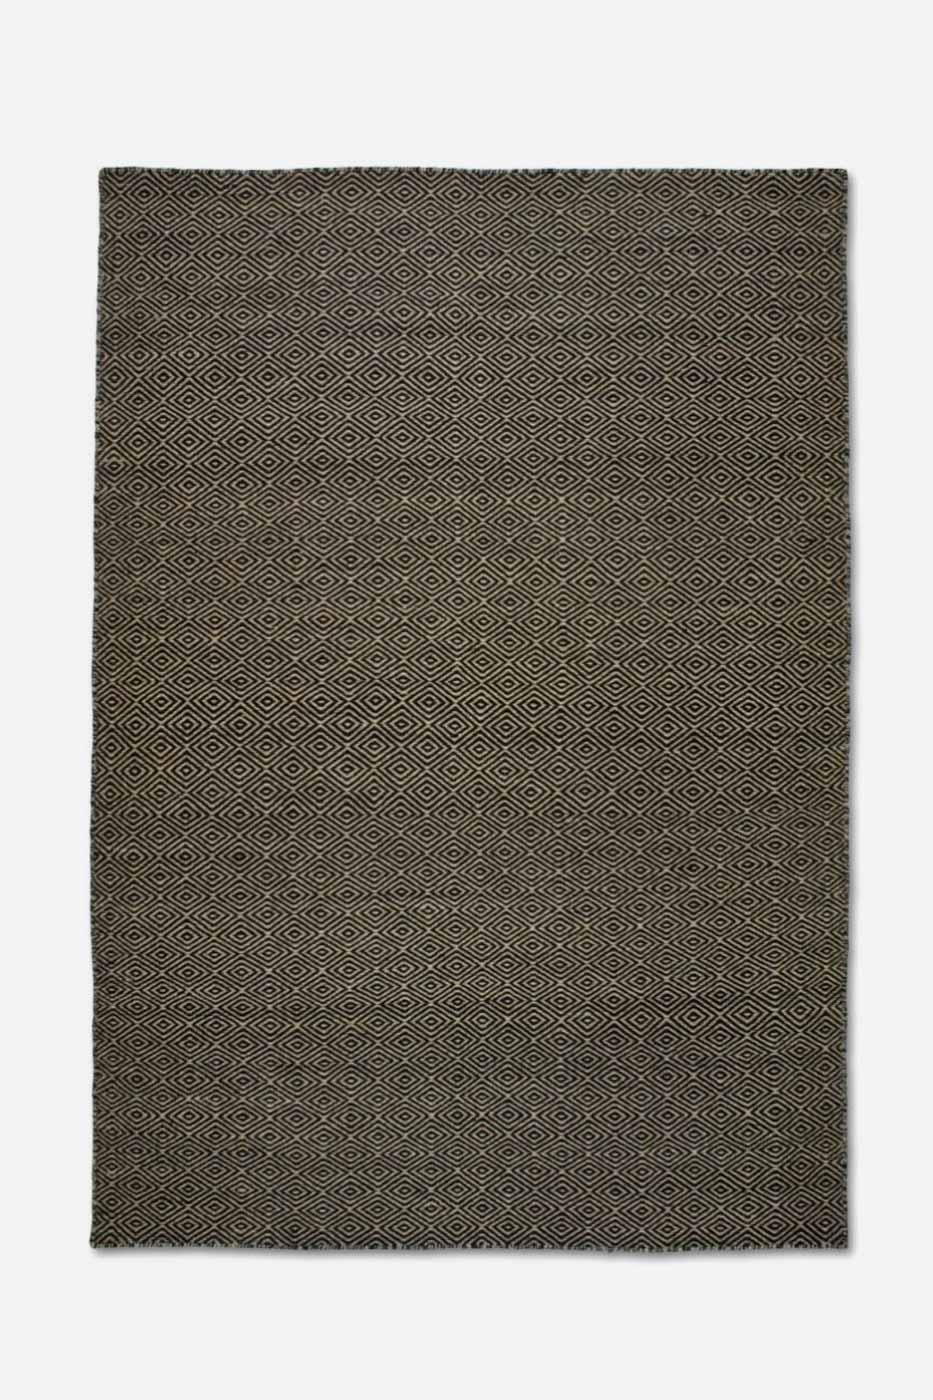 Matta Goose Eye 250x350cm Natur svart